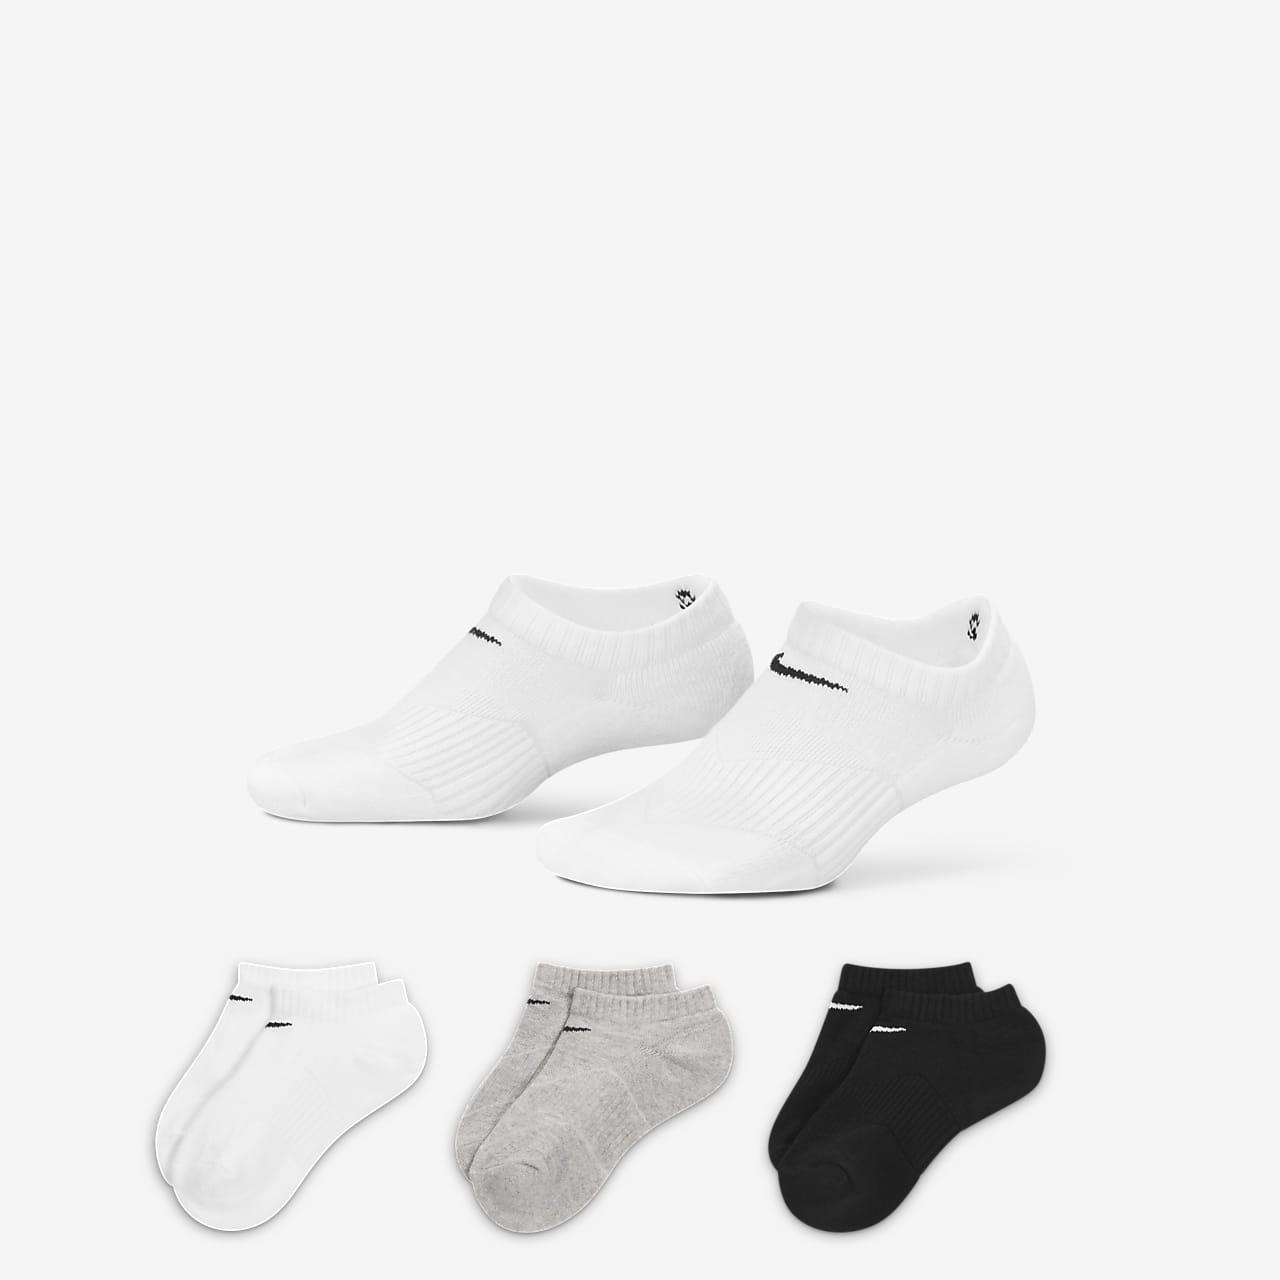 Chaussettes Nike Performance Cushion No-Show pour Enfant plus âgé (3 paires)